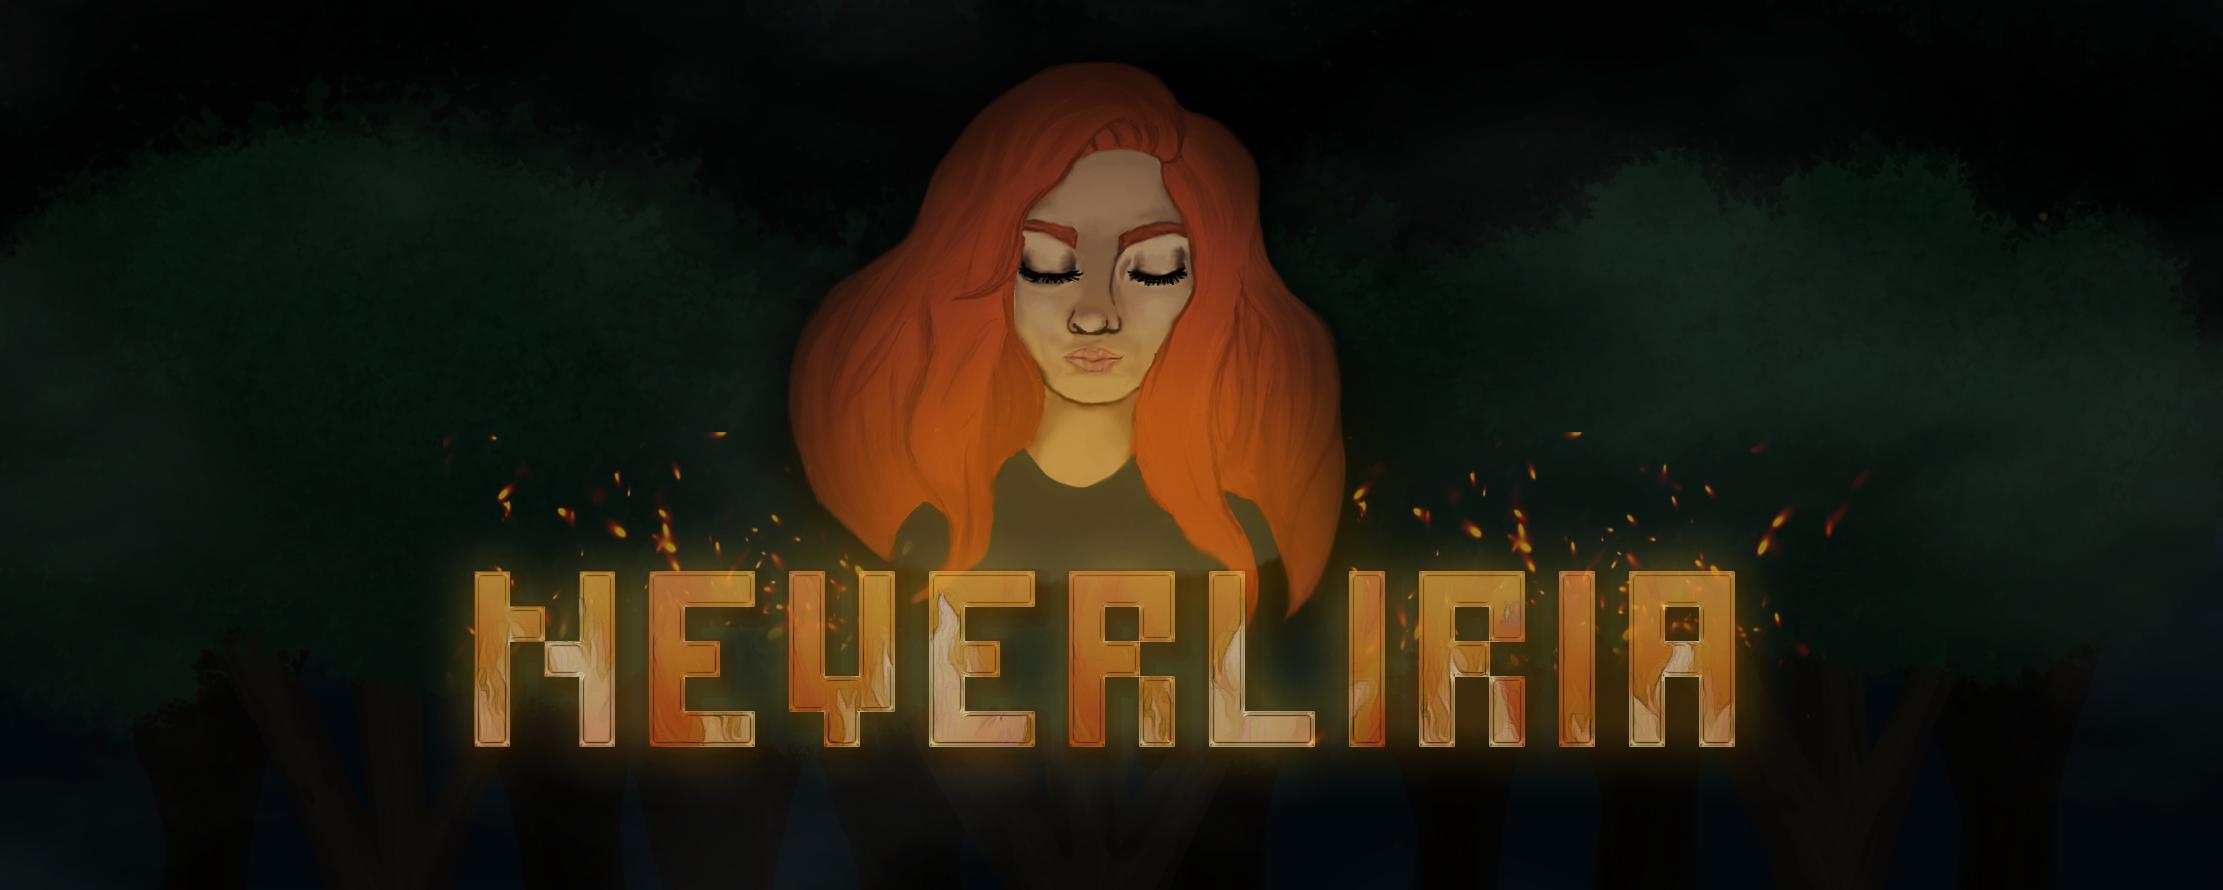 Neverliria poster verynew